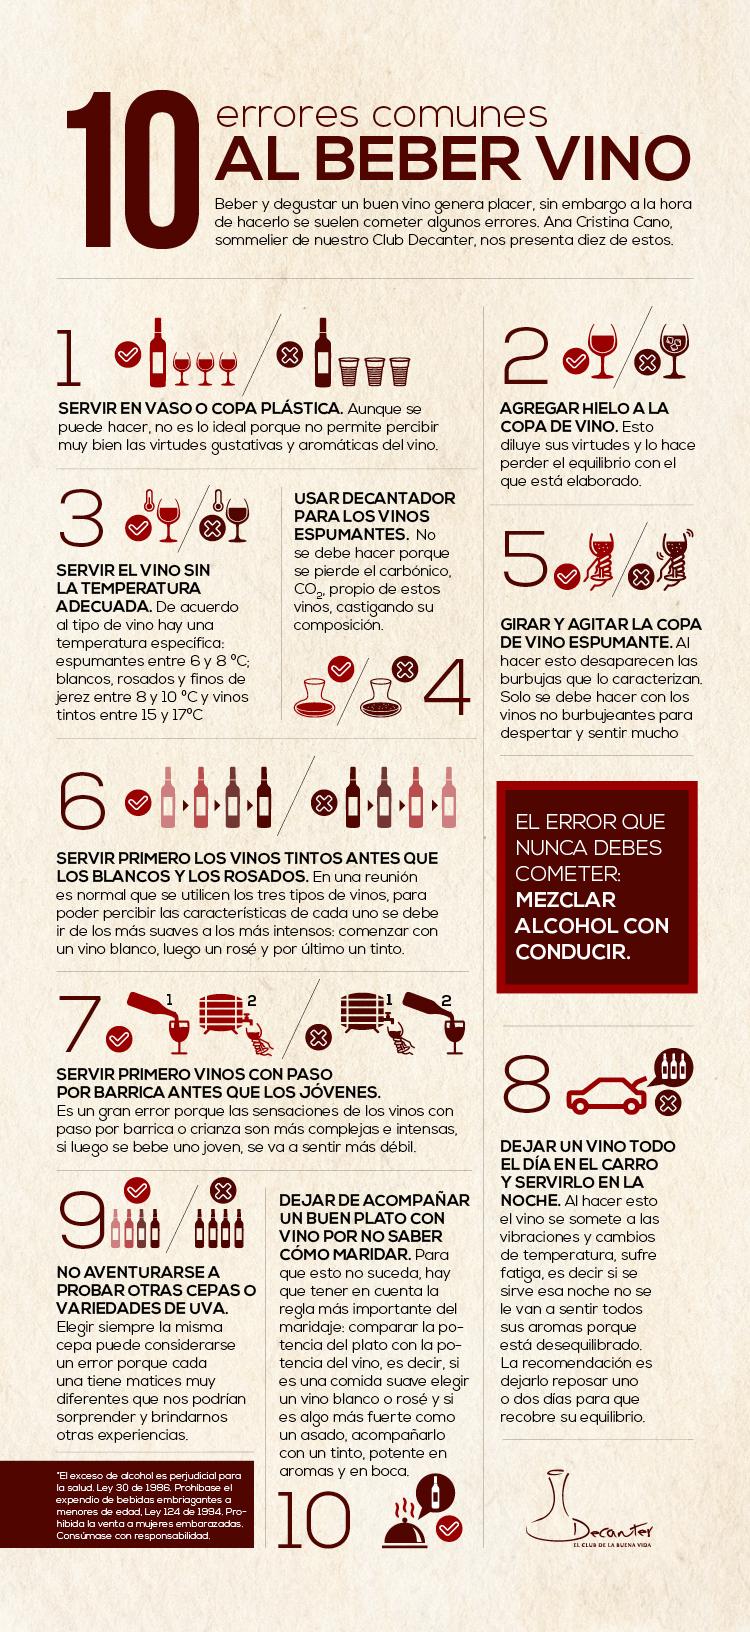 10 errores comunes a la hora de tomar vino